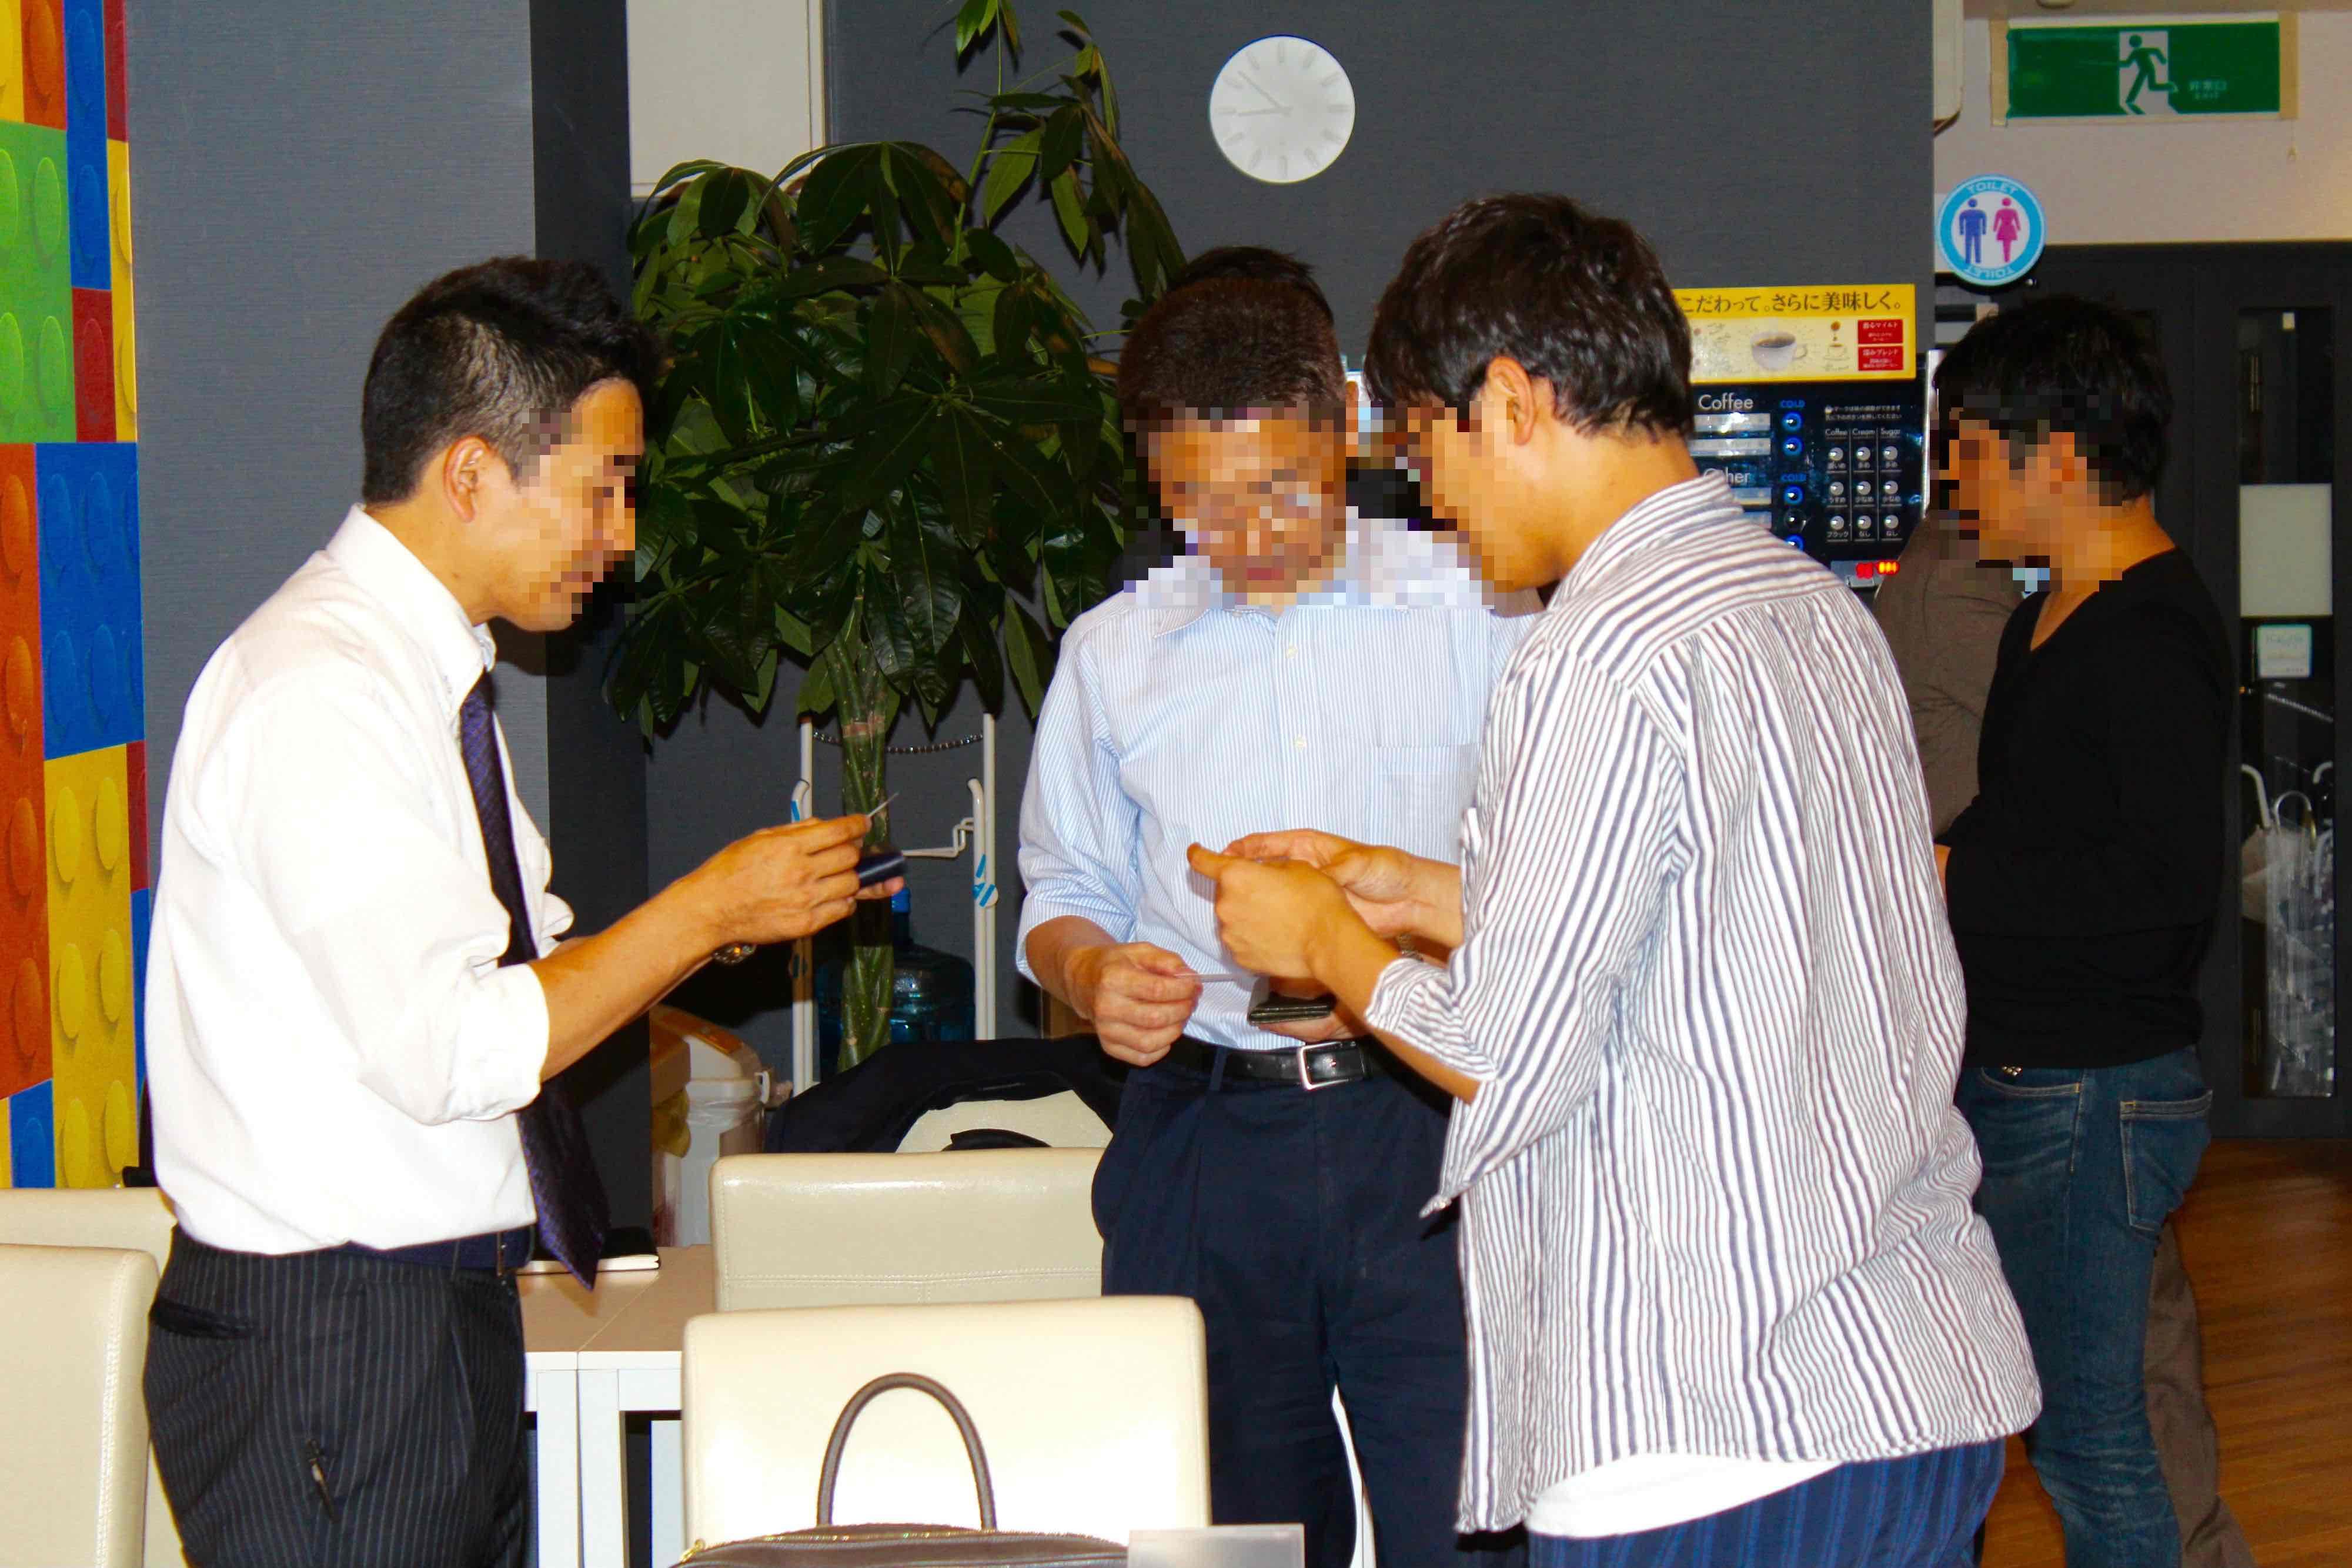 第45回名古屋異業種交流会、名刺交換会イベントレポート